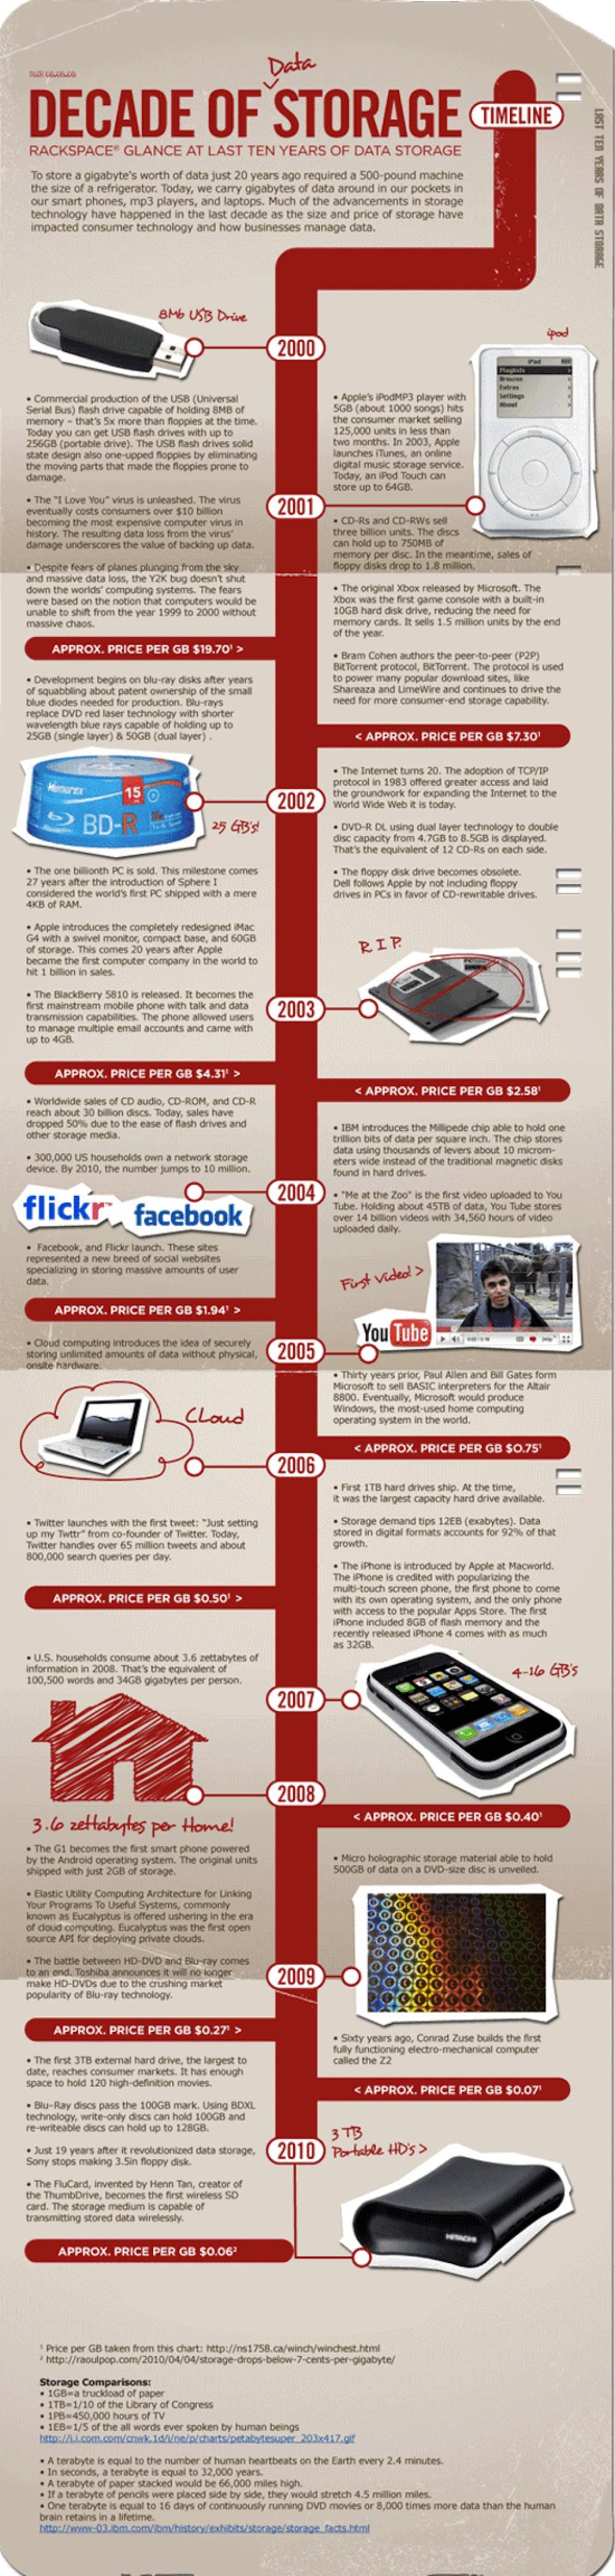 Η εξέλιξη του αποθηκευτικού χώρου την περασμένη δεκαετία [Infographics]